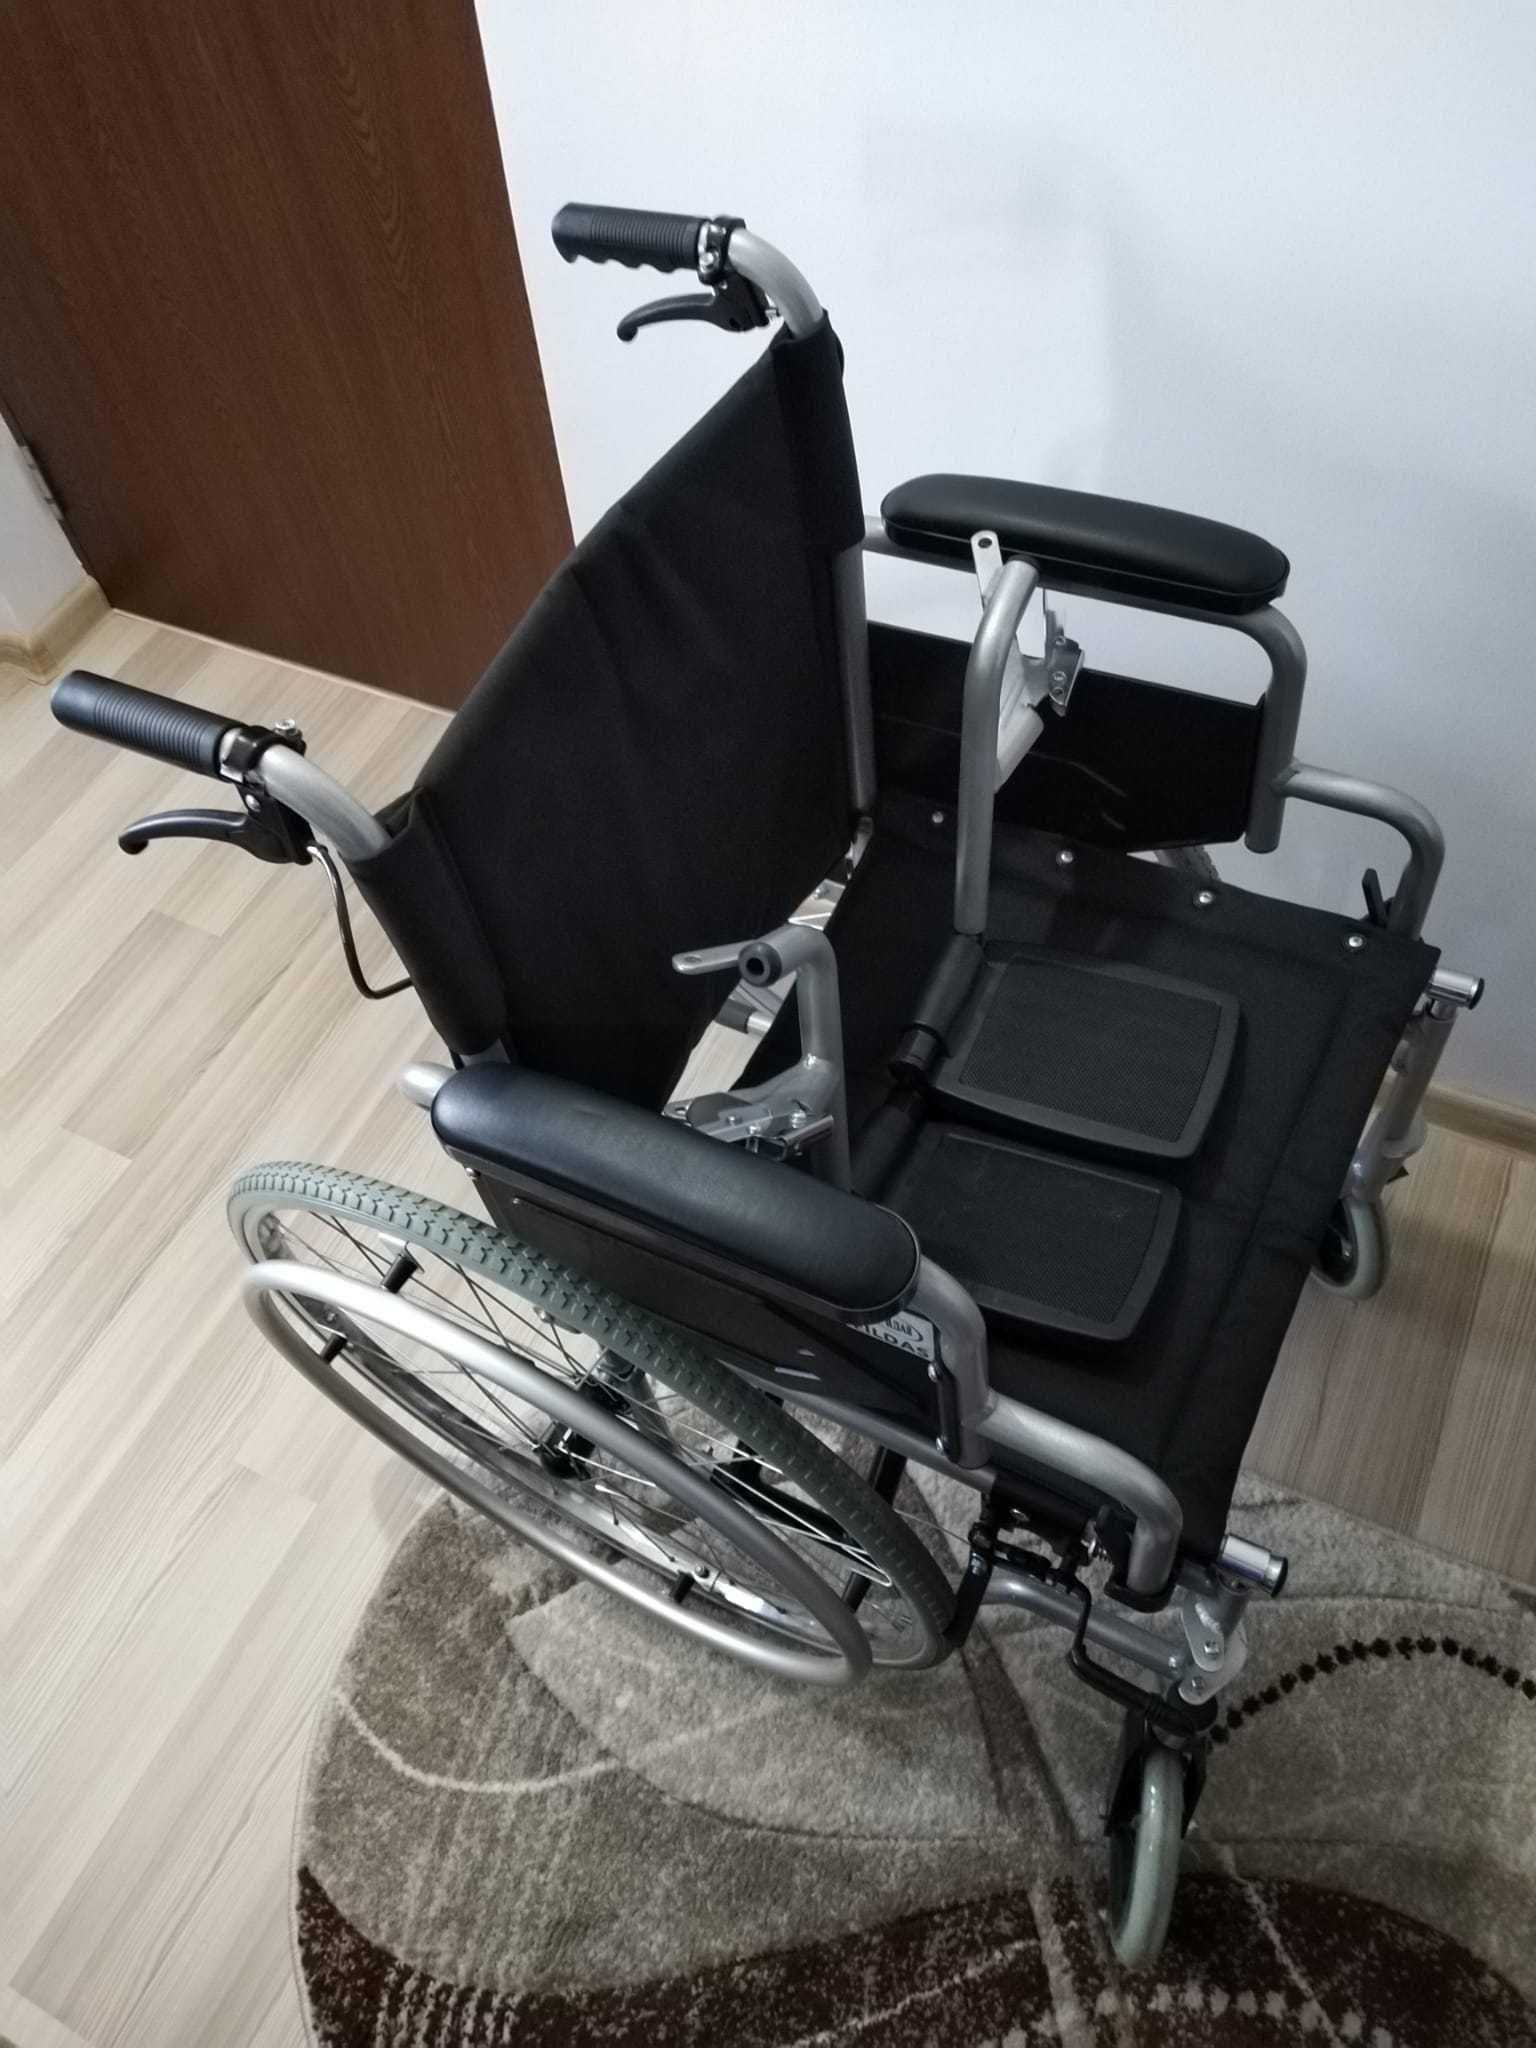 Scaun cu roti aluminiu pt pers cu dezabilitati